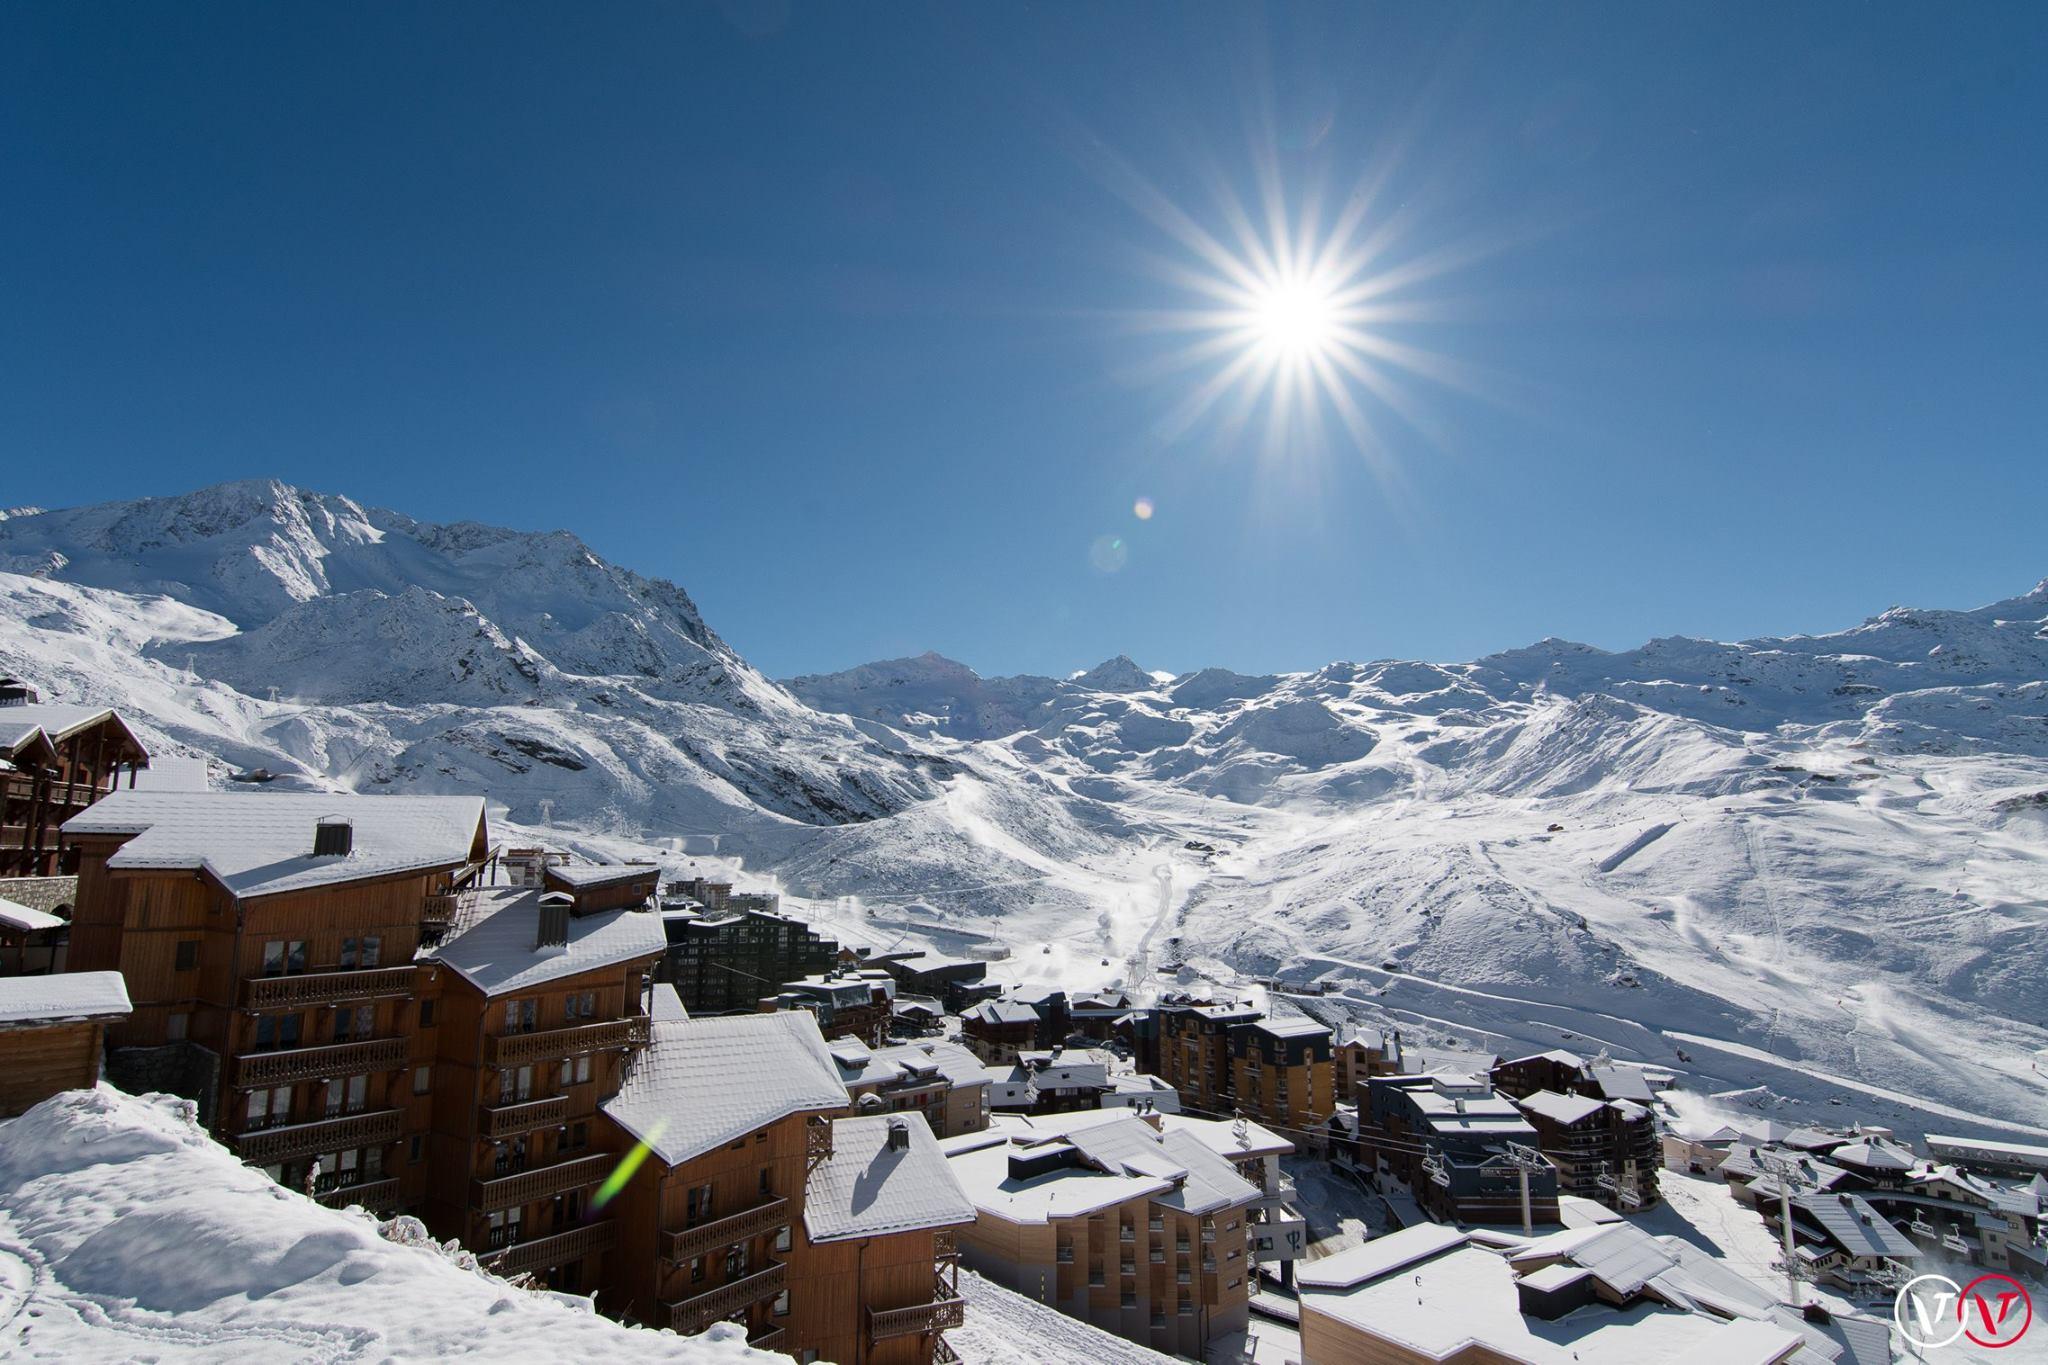 chute neige dans les alpes